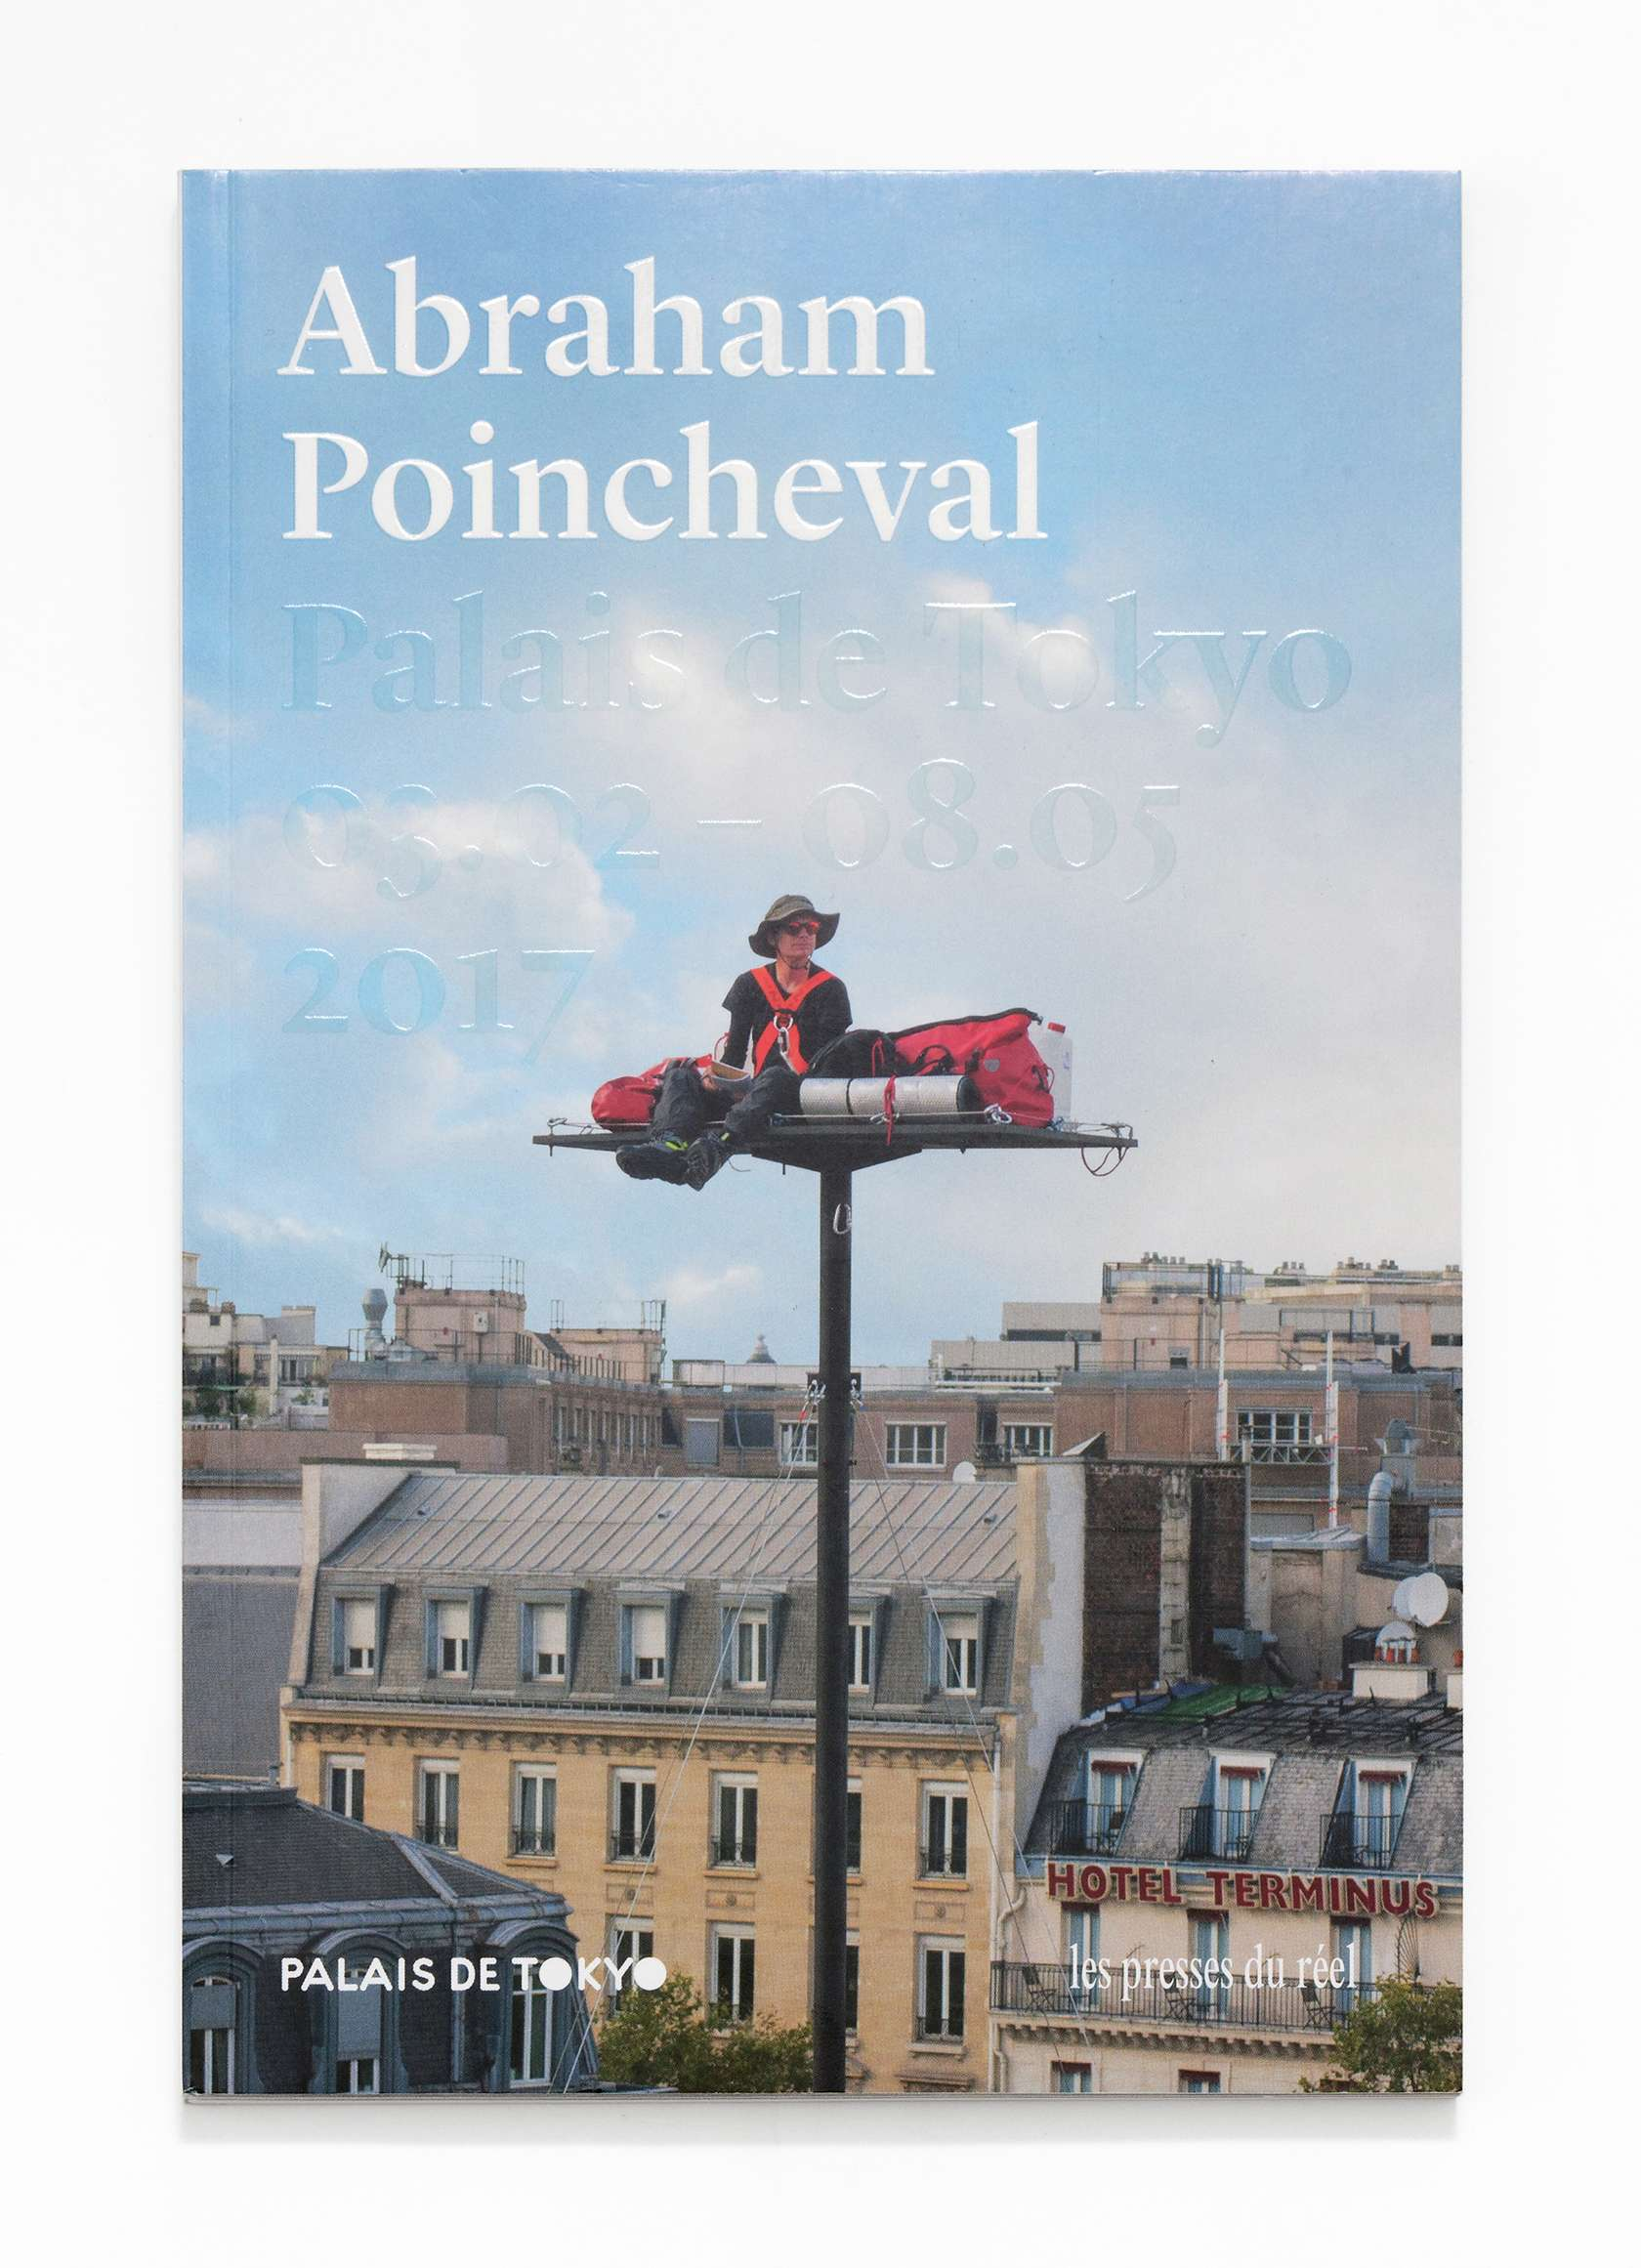 Abraham Poincheval